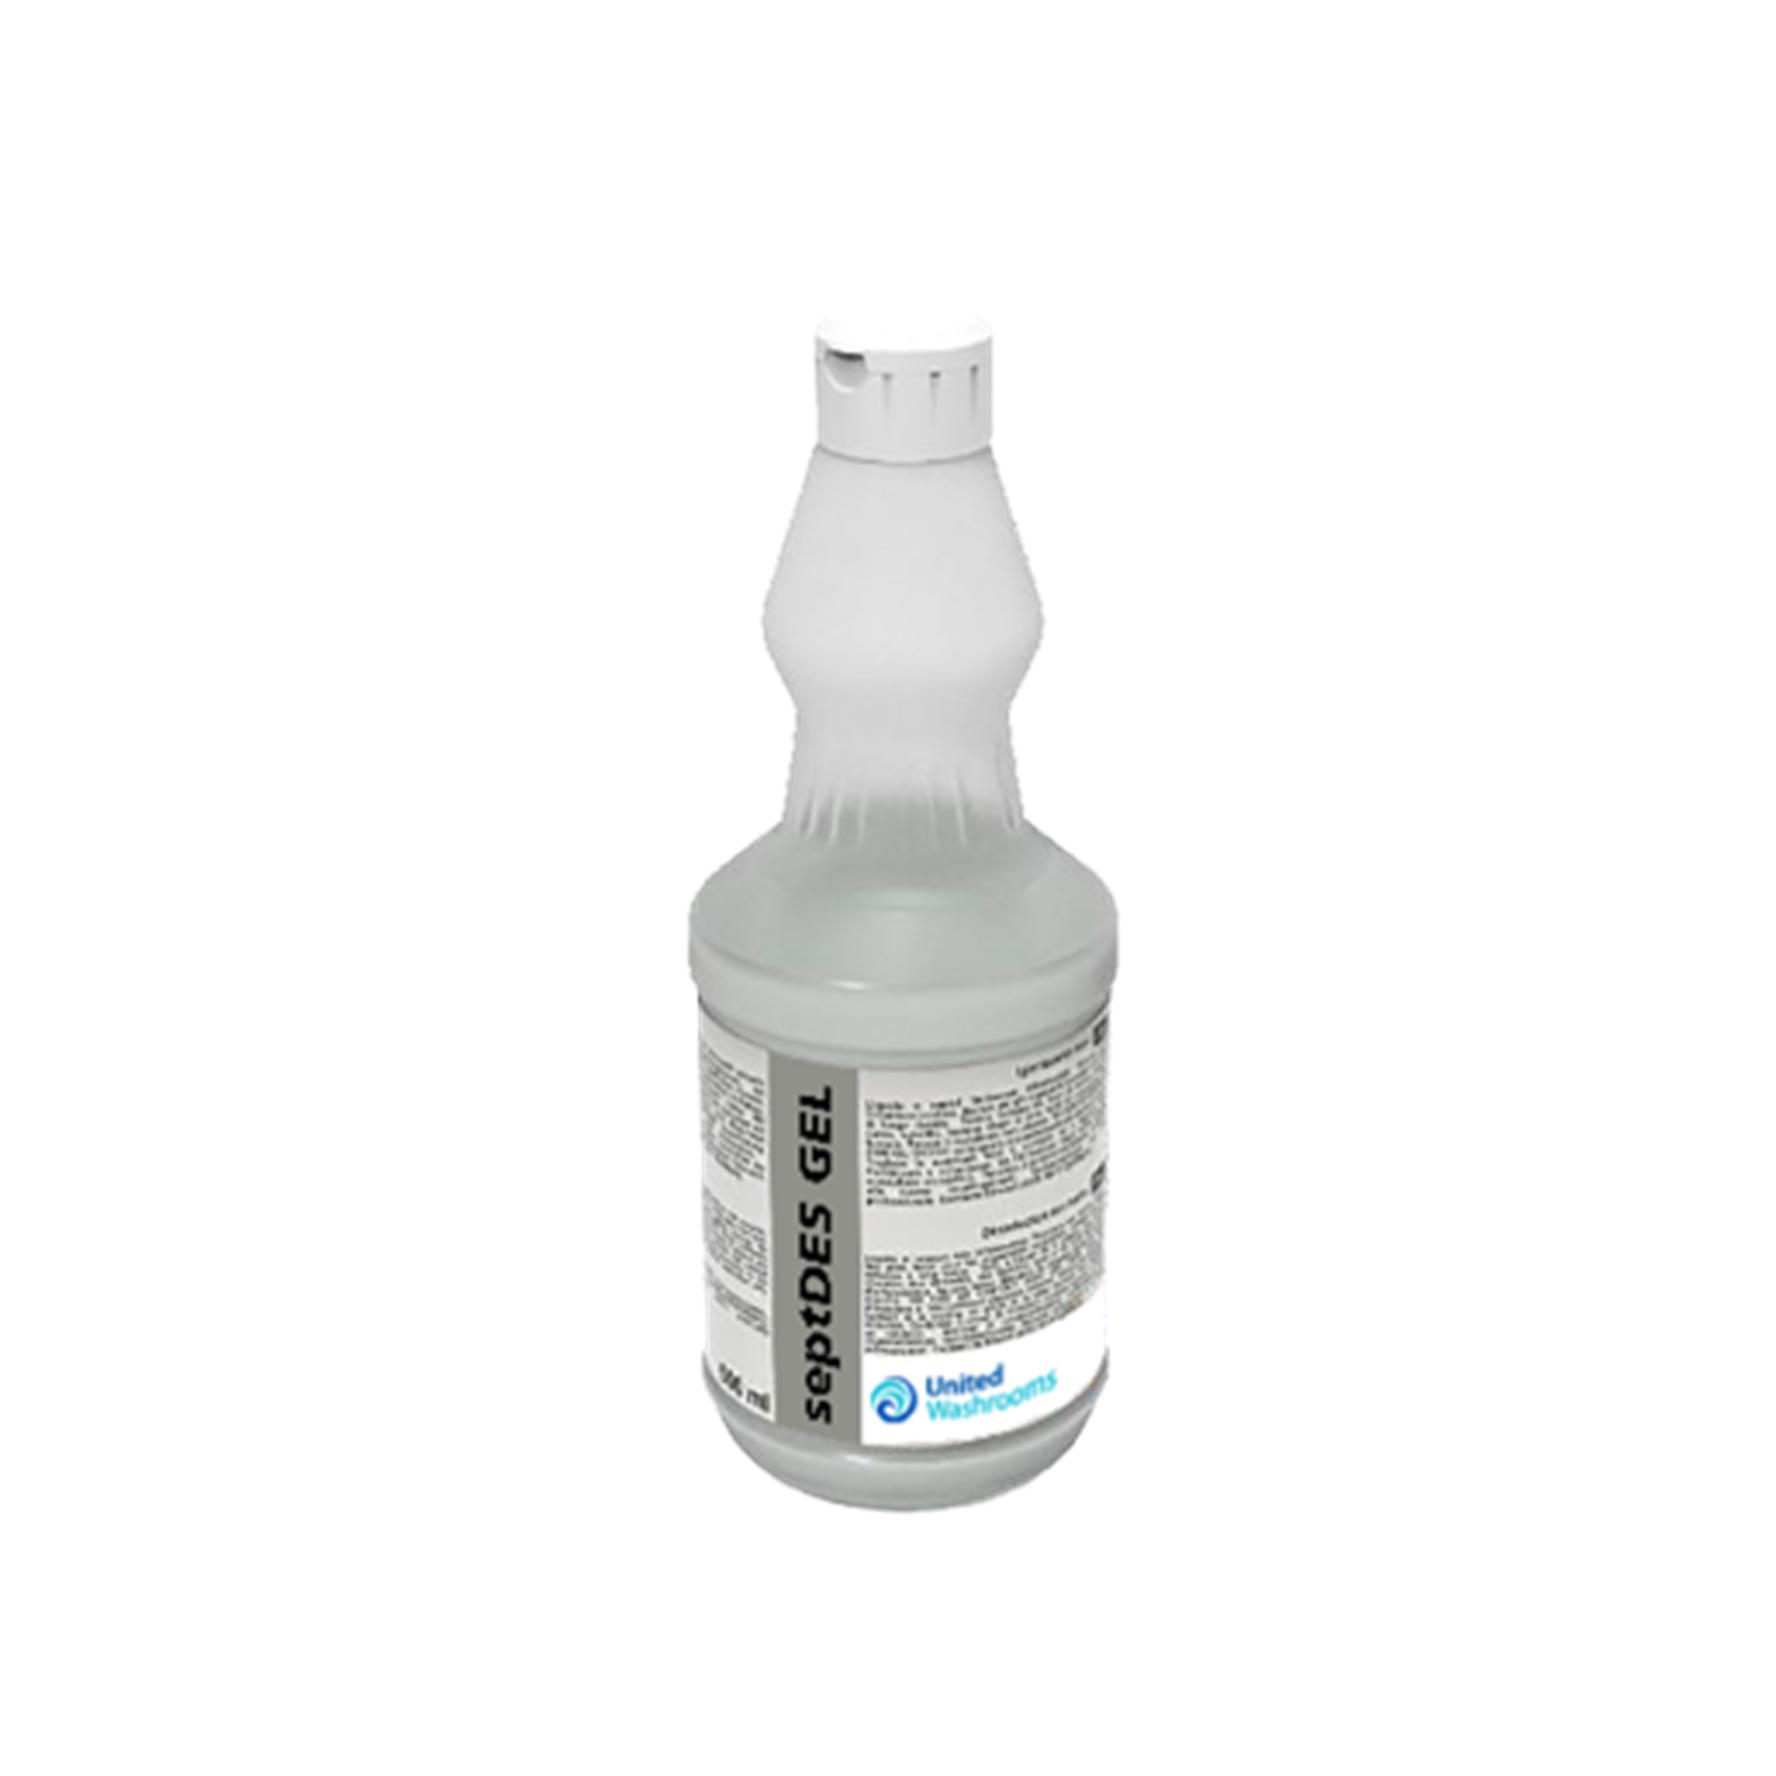 Picture of septDES Gel 80% Hand Sanitiser (Hand Gel)